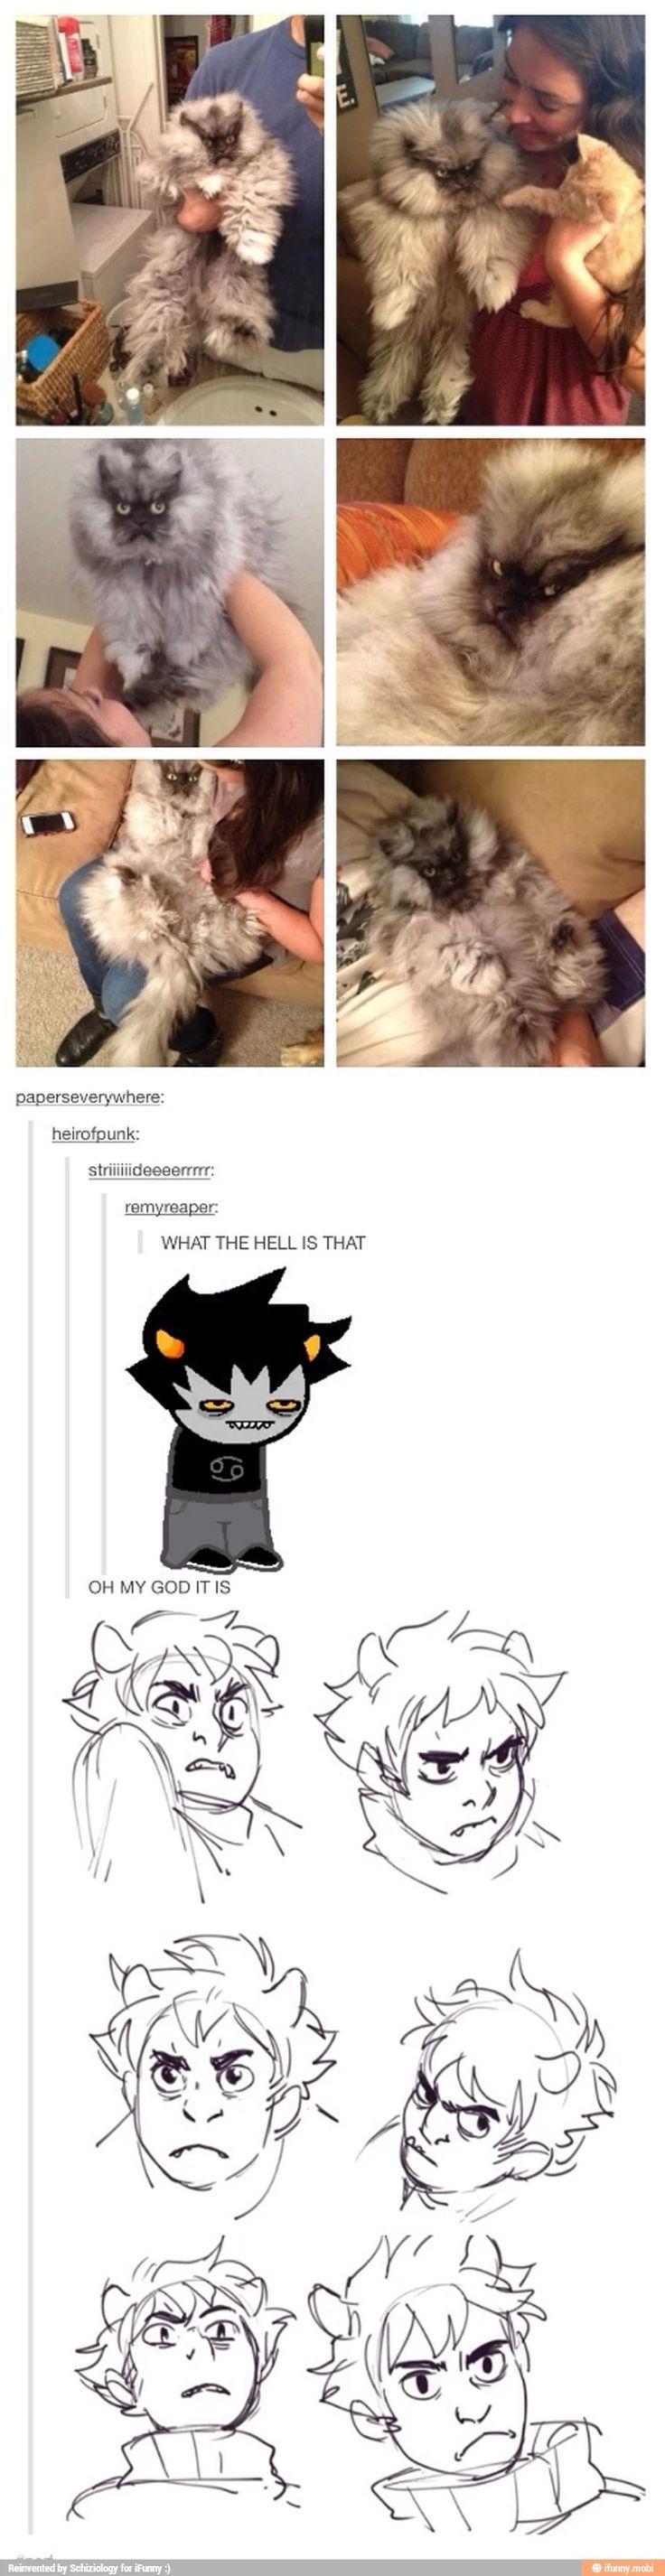 PRECIOUS ANGRY KITTIES